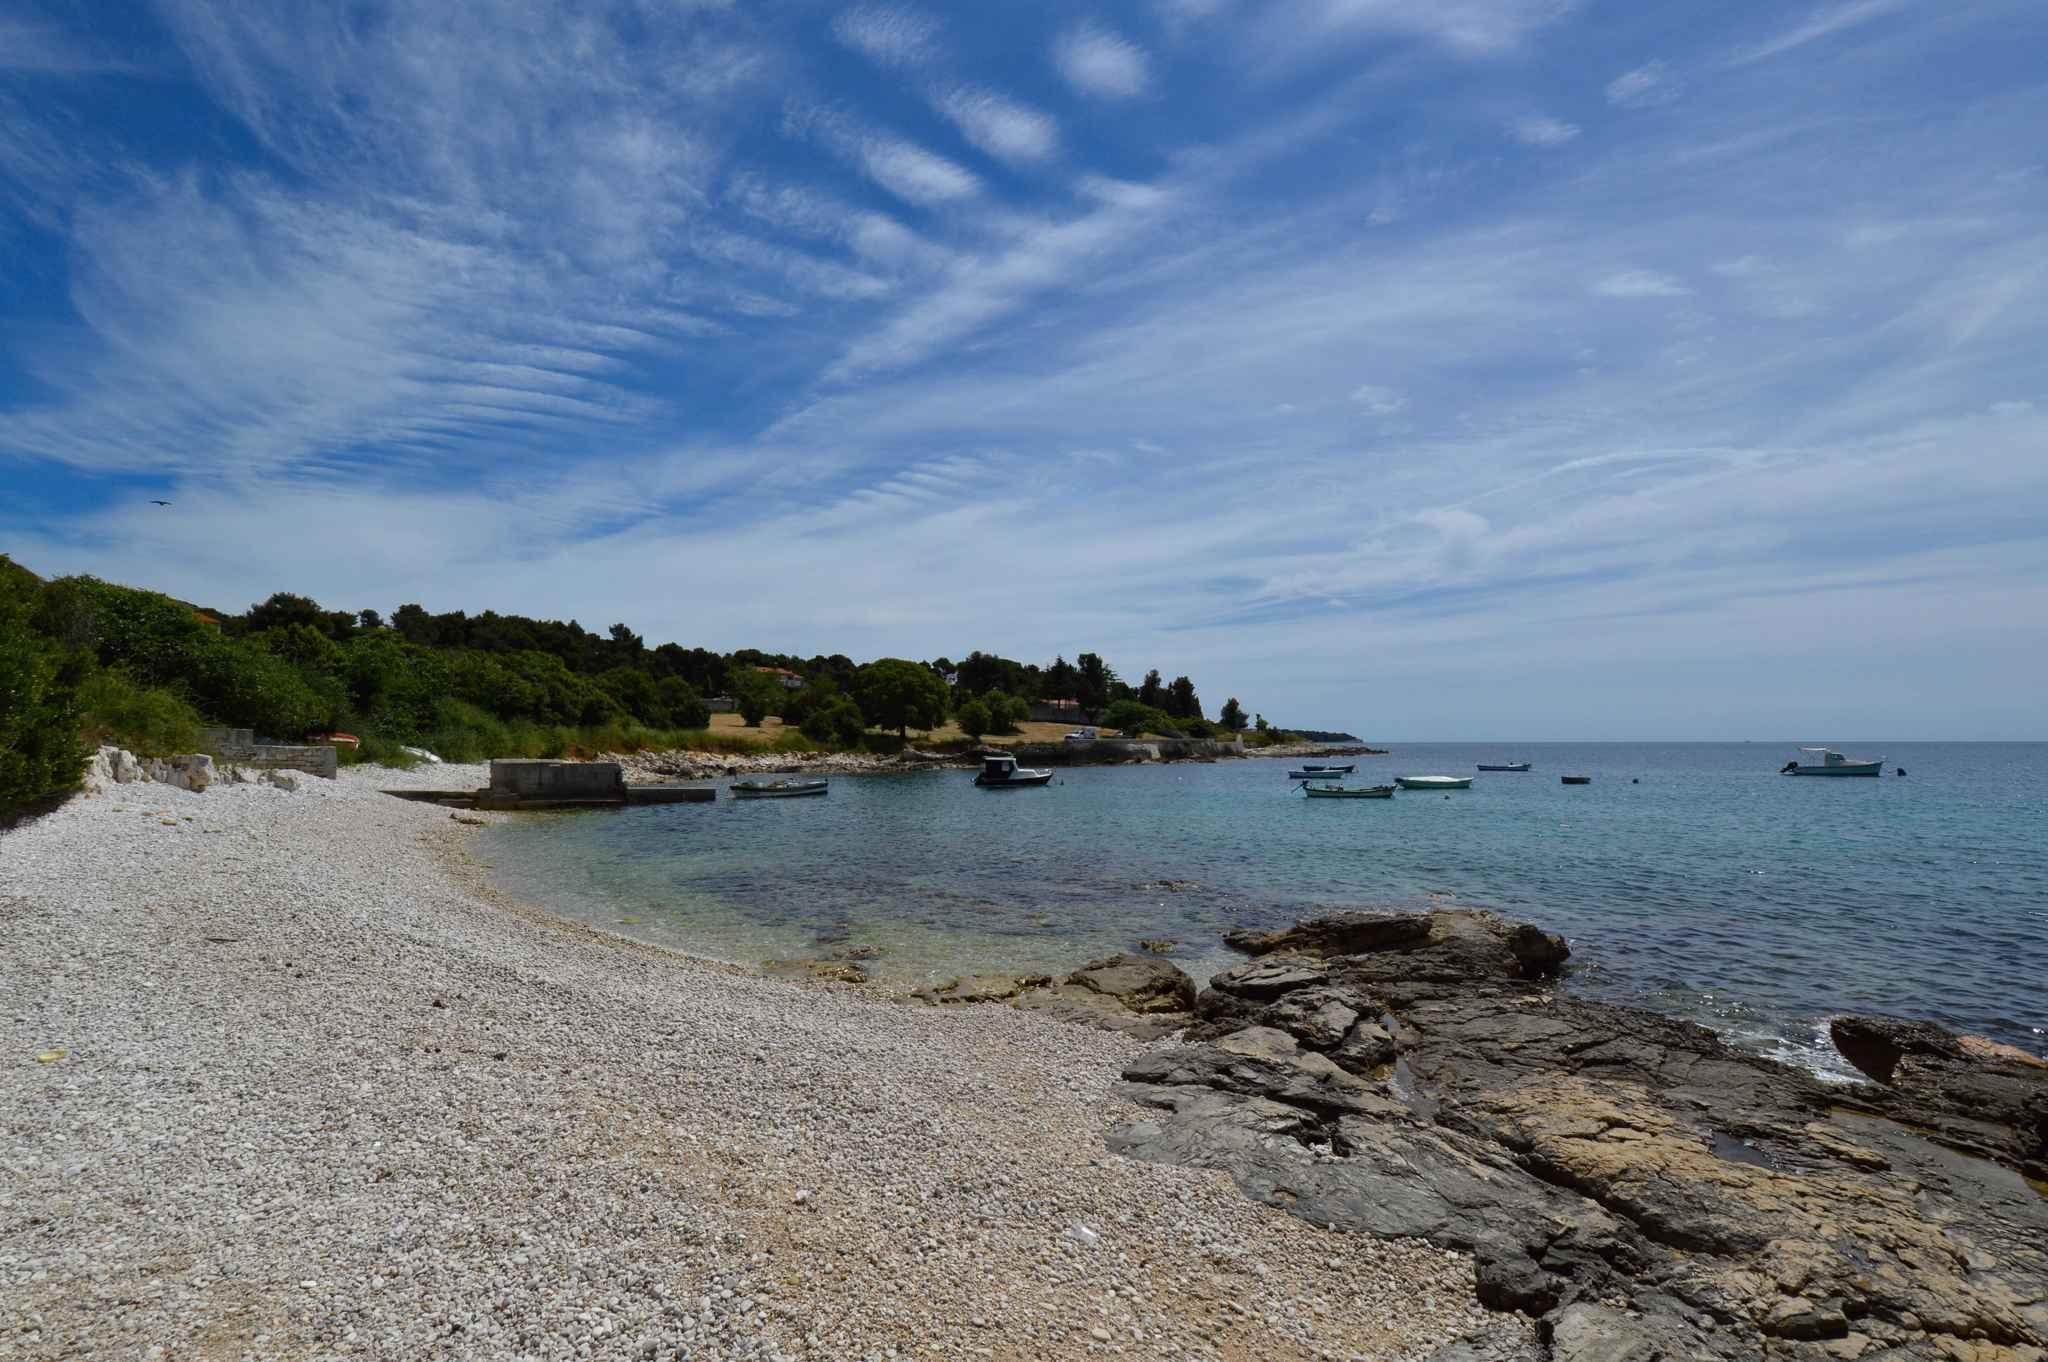 Ferienwohnung in ruhiger Lage (280677), Pula, , Istrien, Kroatien, Bild 14